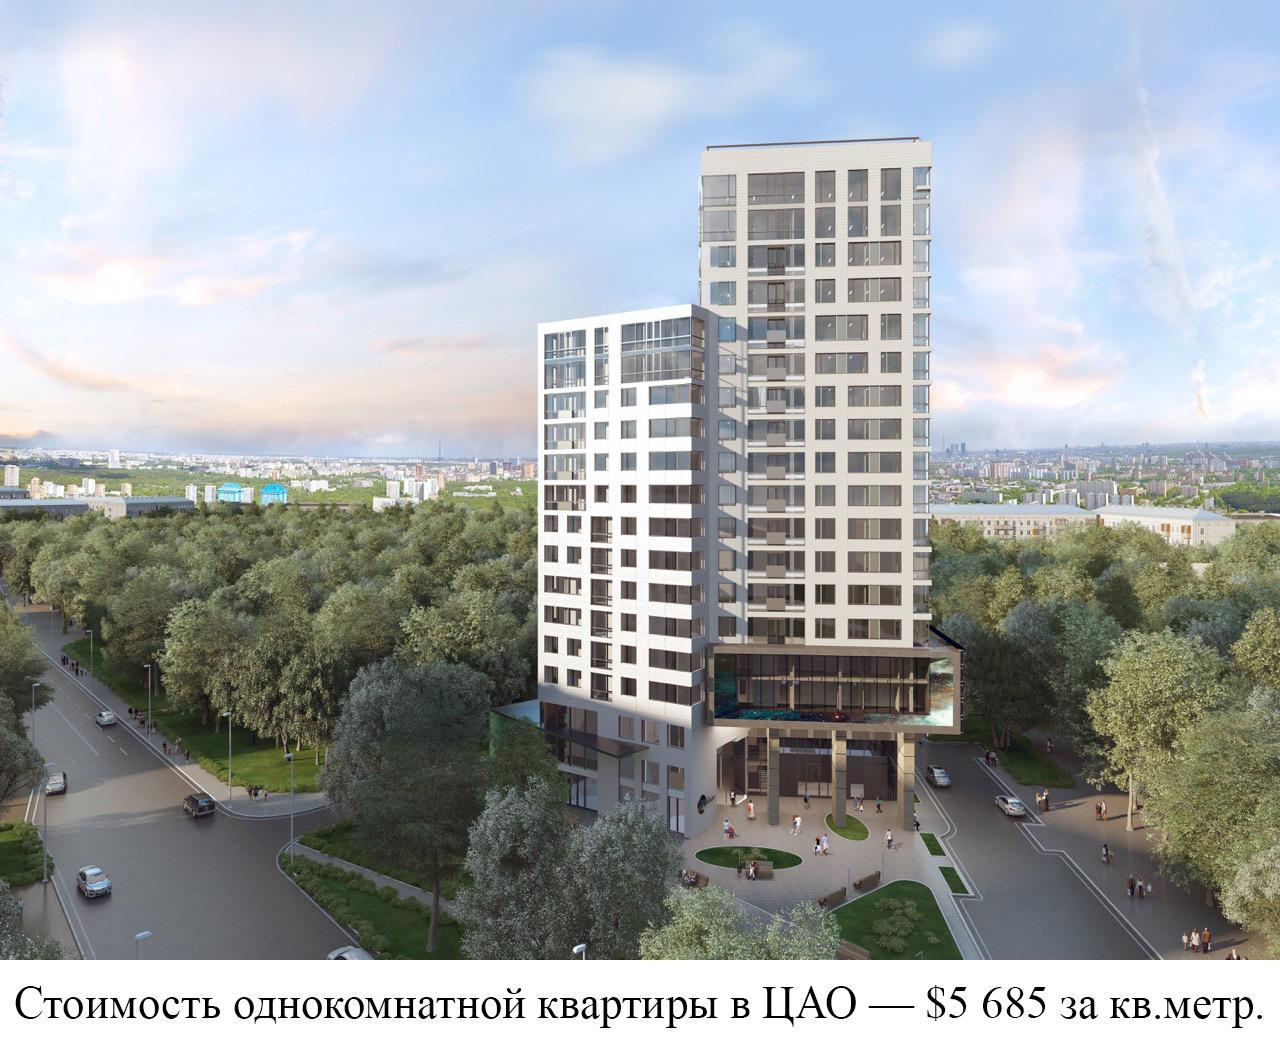 Как и где в Москве купить однокомнатную квартиру — цены и районы